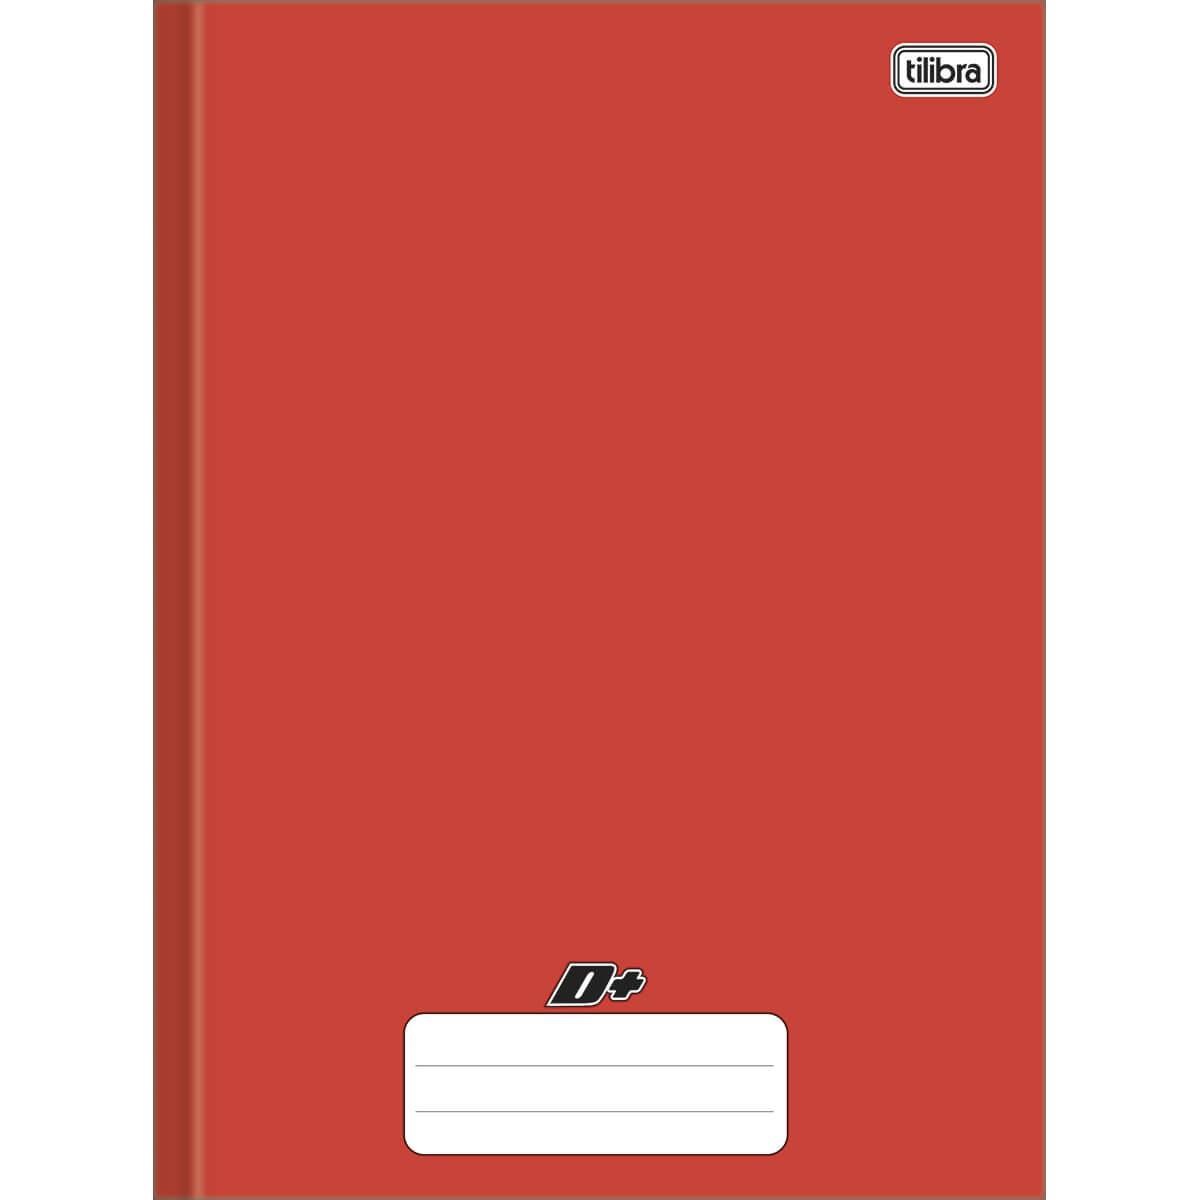 Caderno brochura 1/4 96 fls vermelho D+ Tilibra